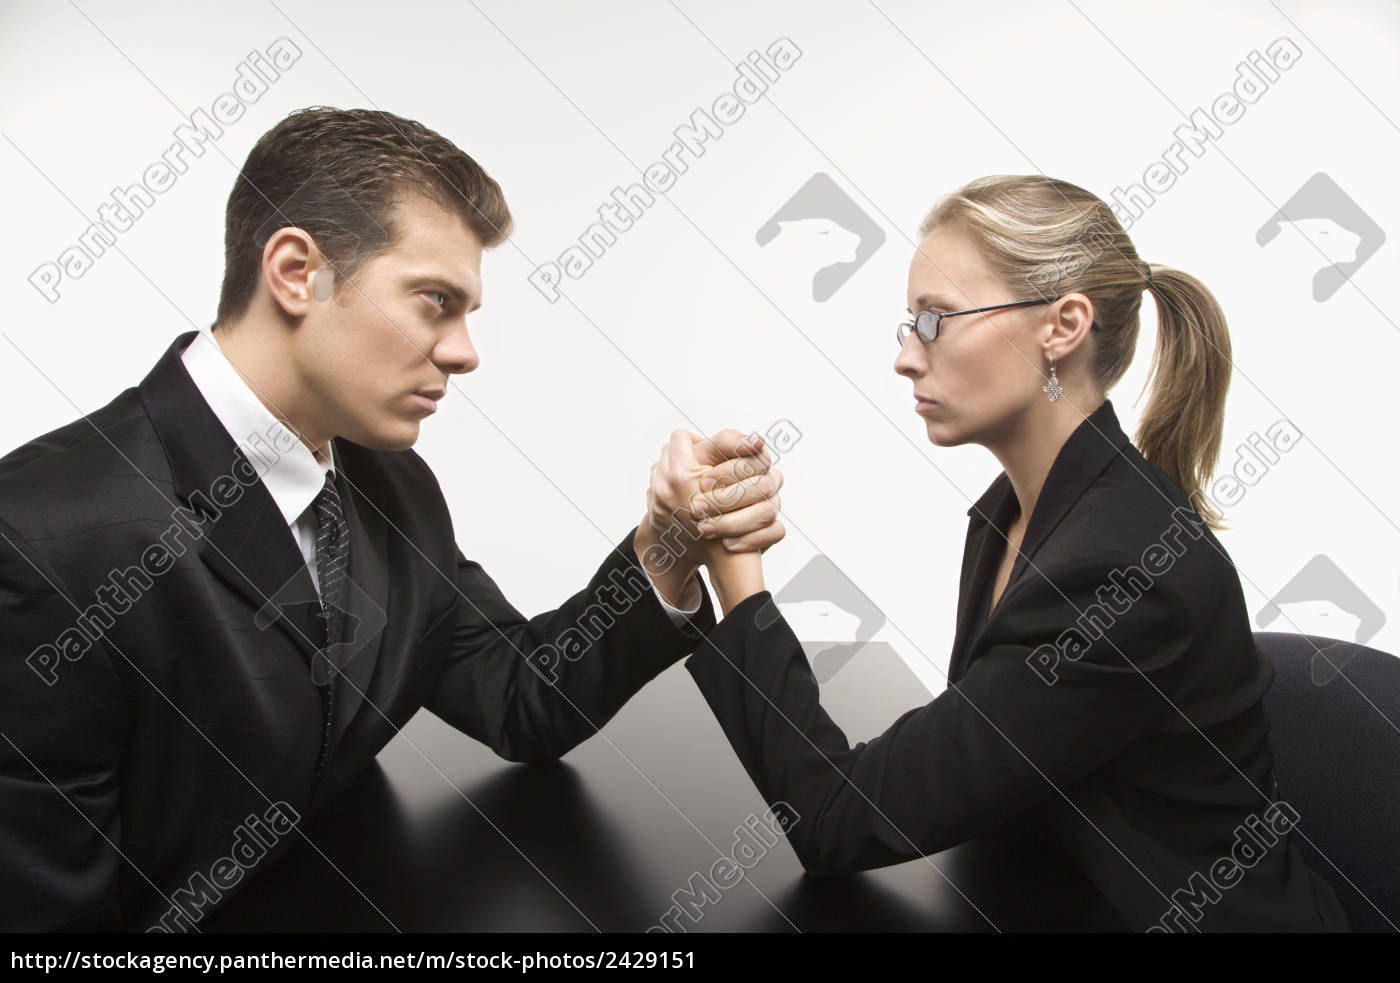 Armdrücken frau gegen frau